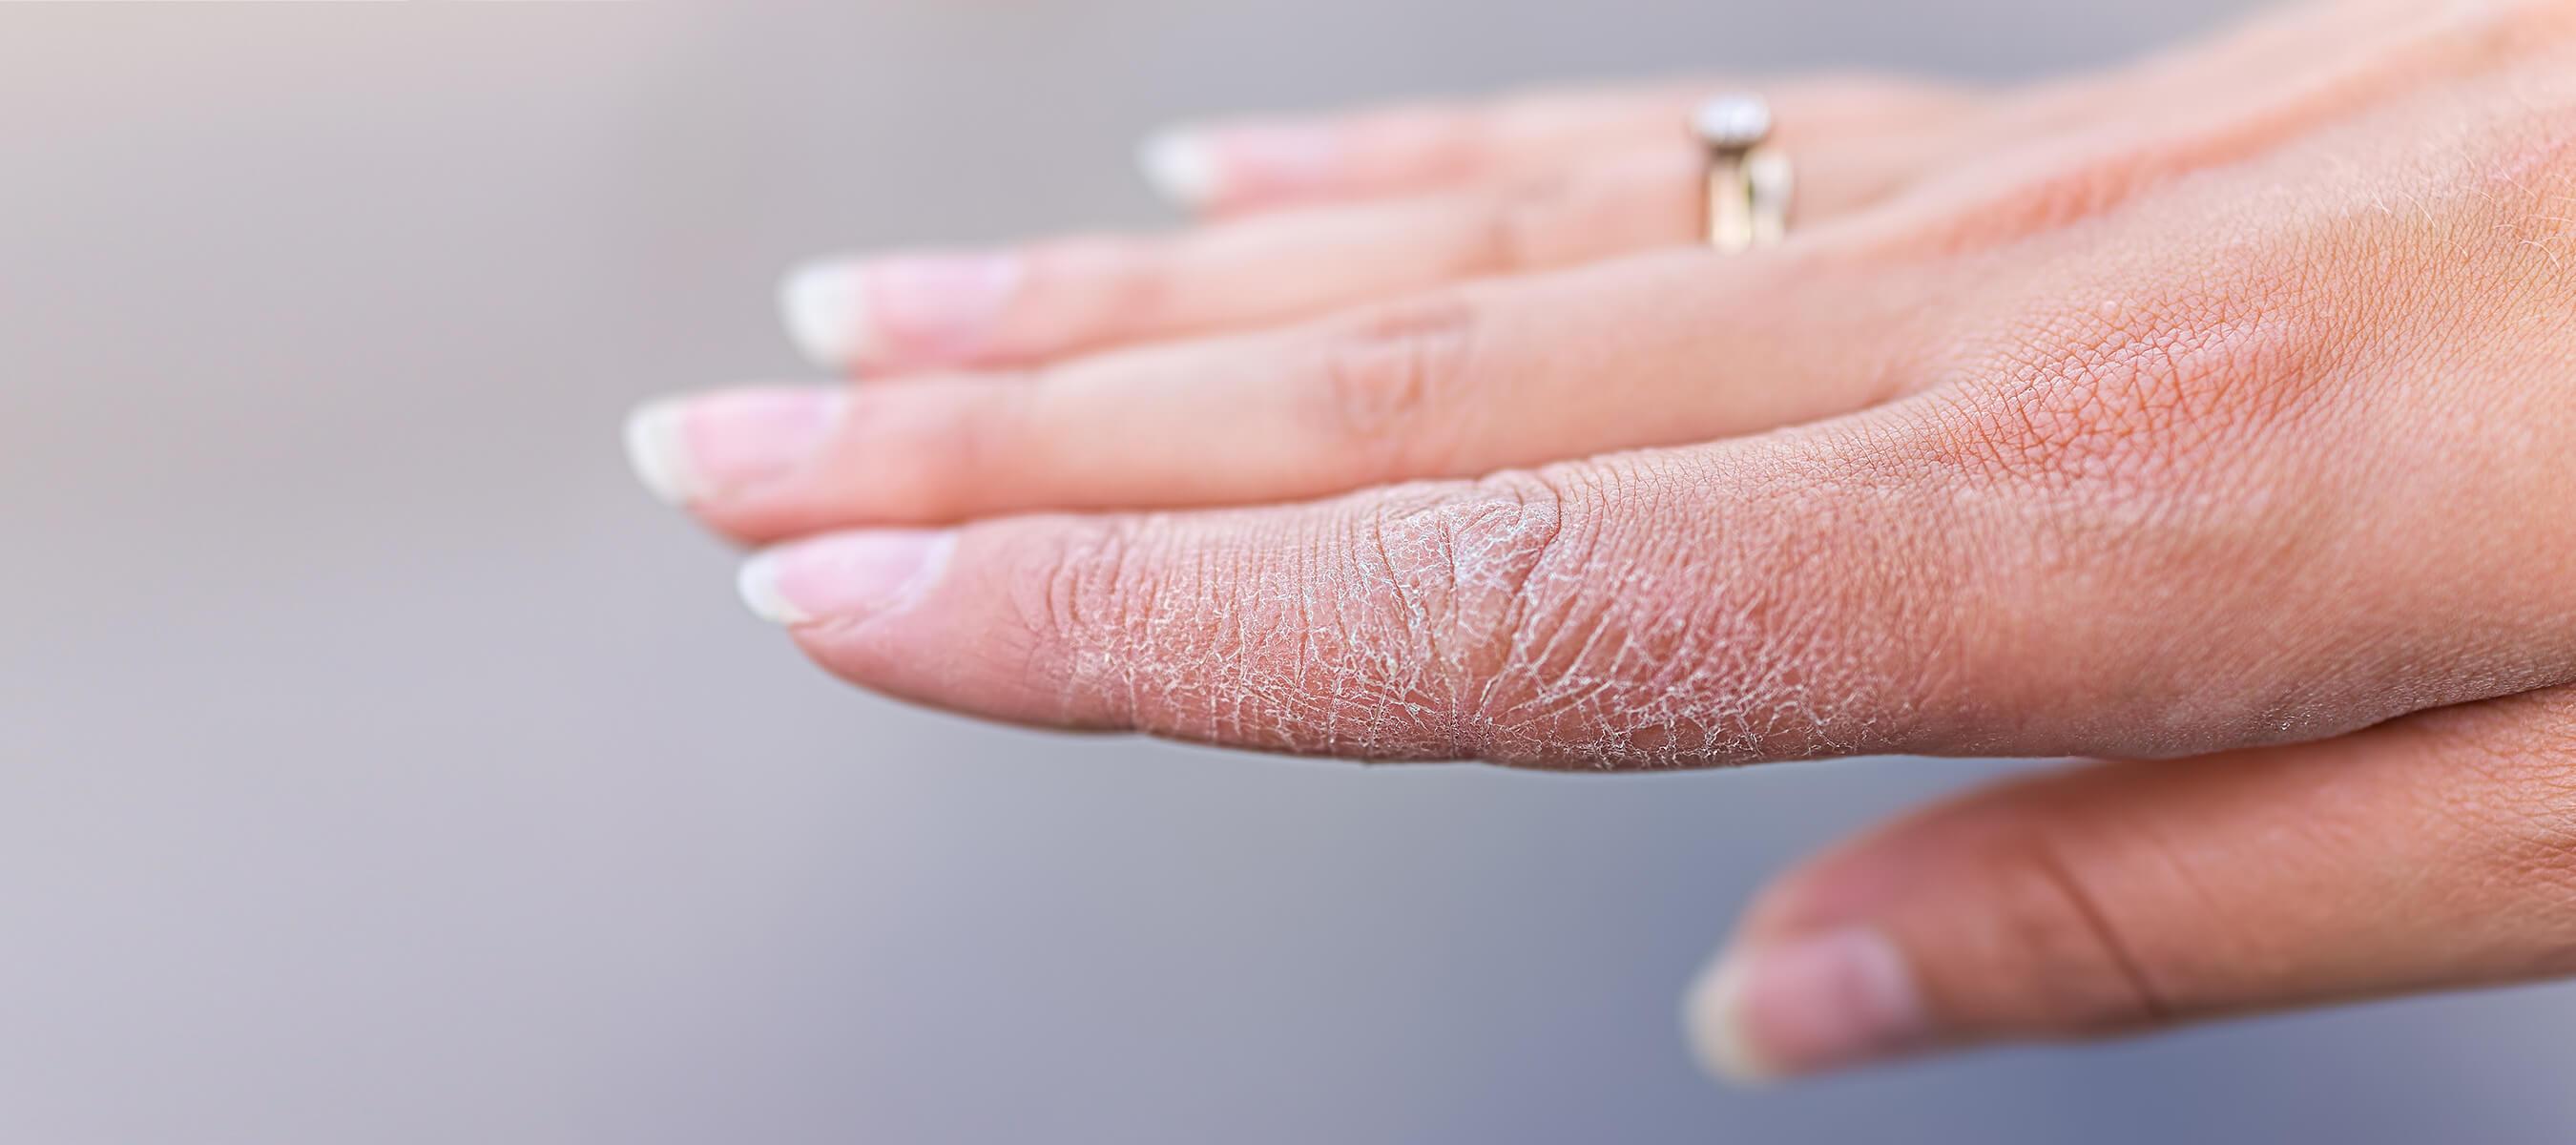 Kontakt Dermatit (Temas Egzaması) Nedir? Belirtileri ve Tedavisi Dr. Ahmet Acar